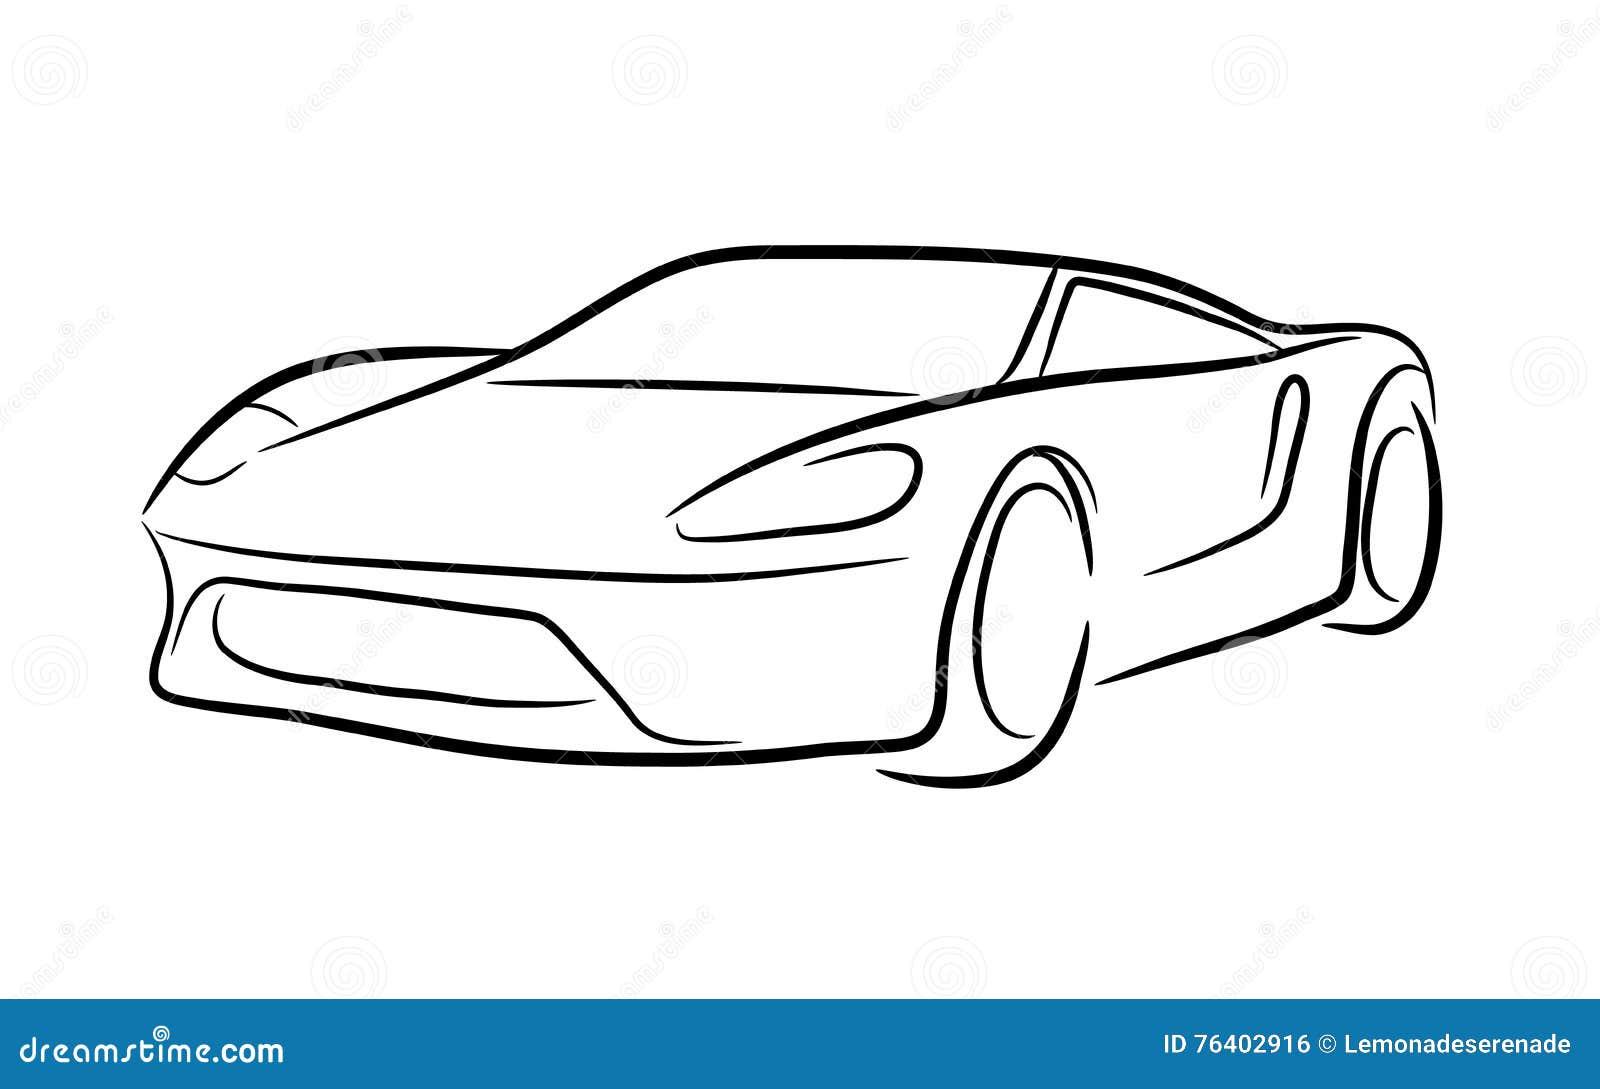 Charmant Entwurf Für Autos Galerie - Schaltplan Serie Circuit ...